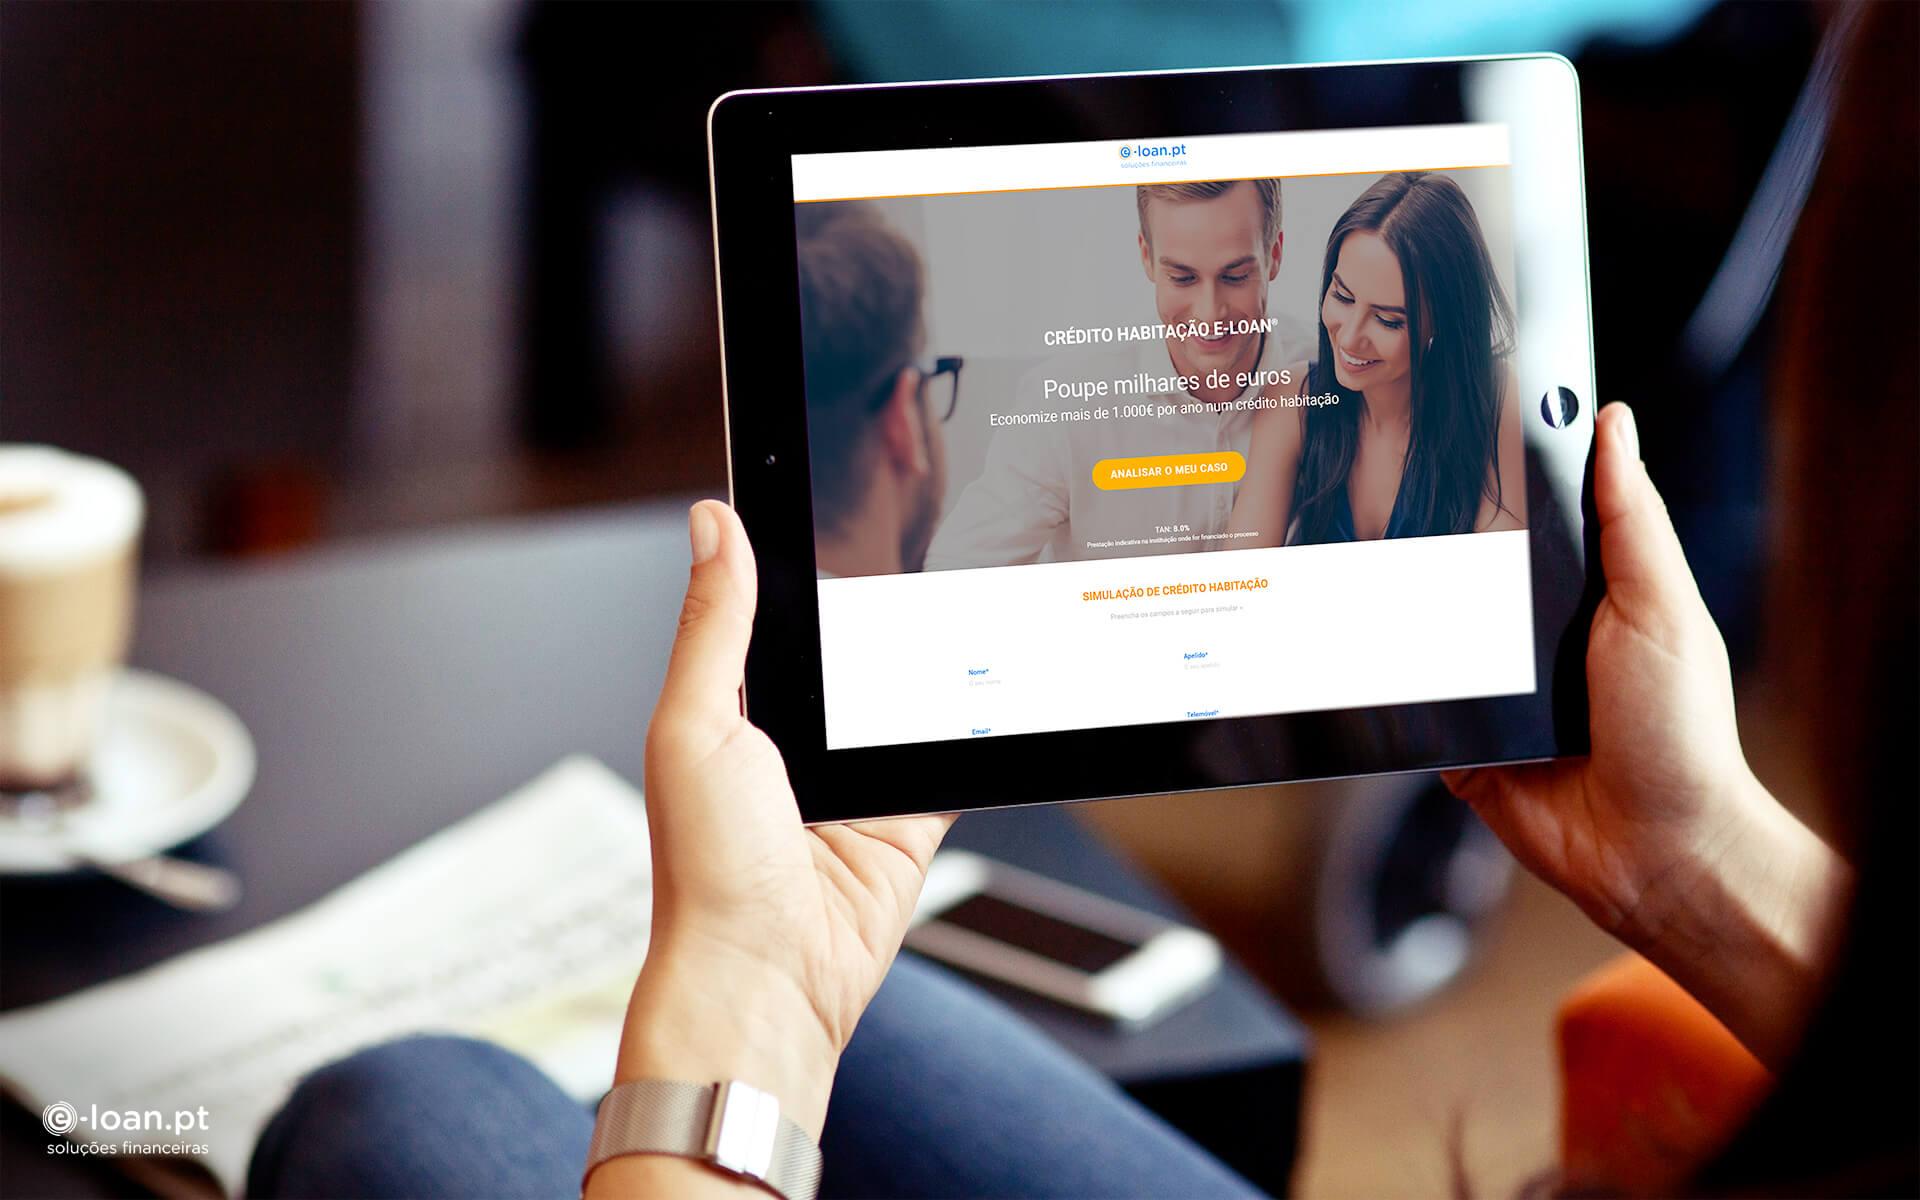 e-loan-solucoes-financeiras-credito-habitacao-opiniao